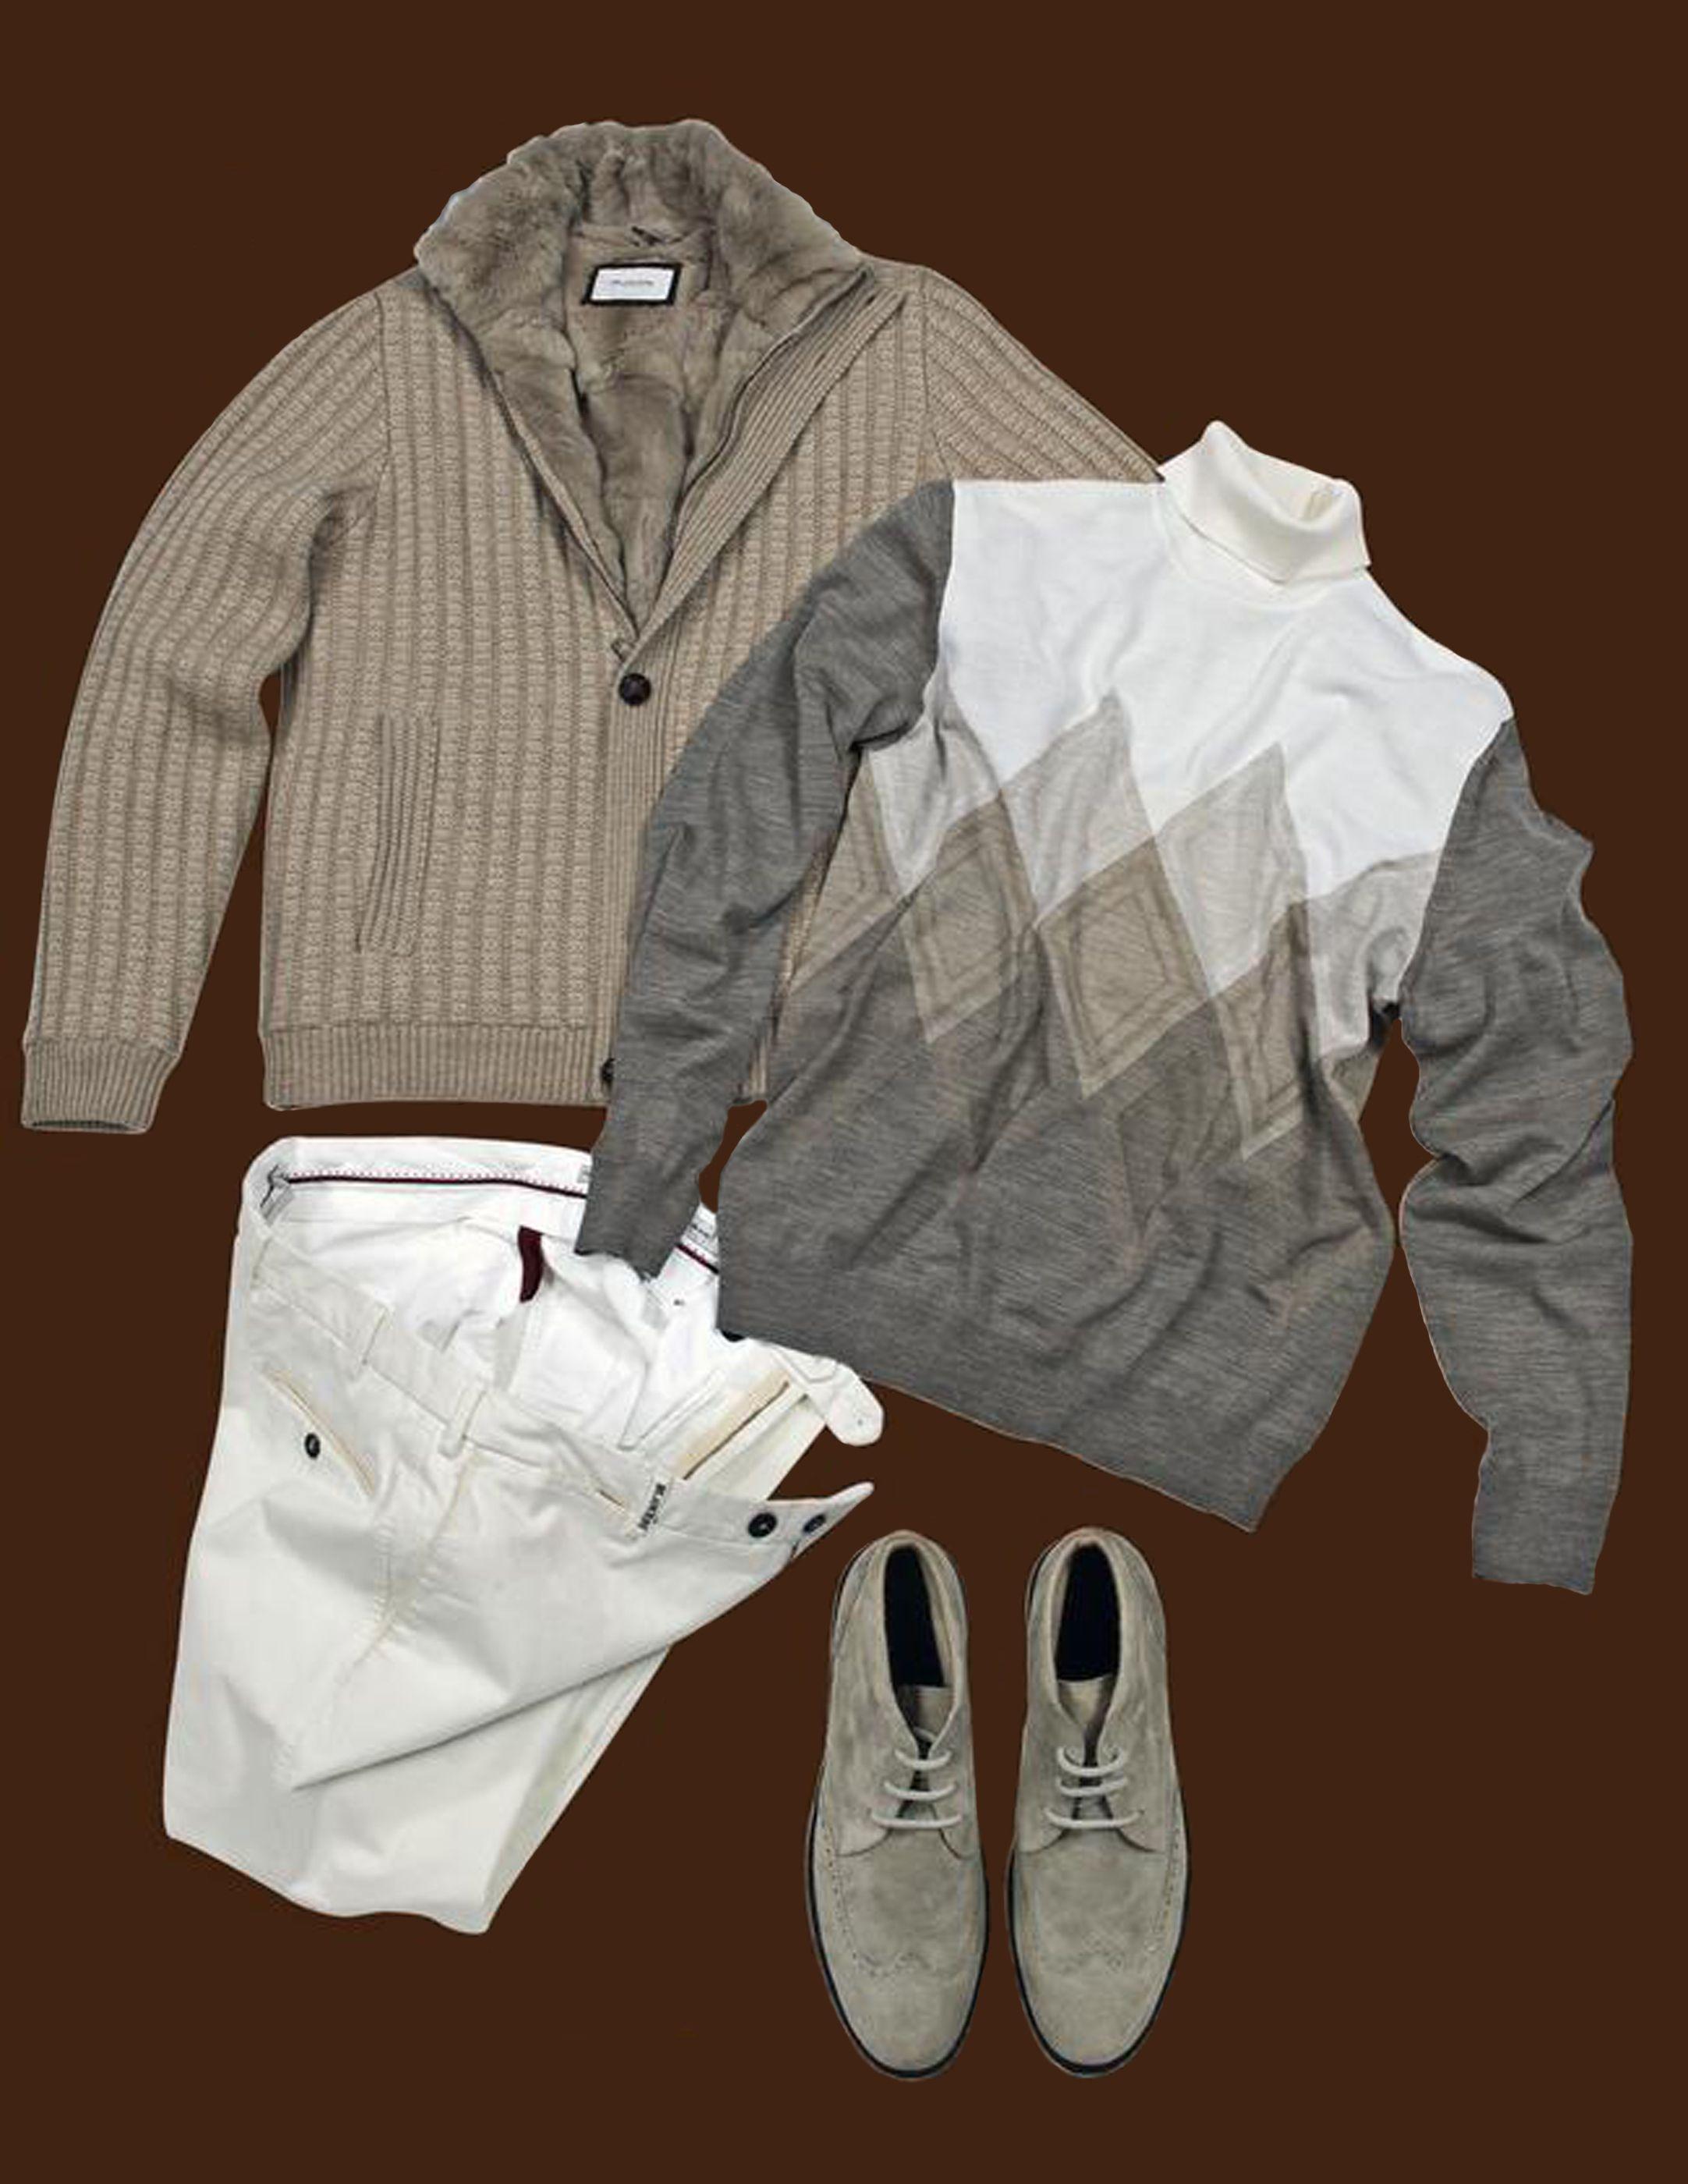 wholesale dealer 3bc32 fede9 Le Marche Cachemire in elegance: Bilancioni, Castelferretti ...